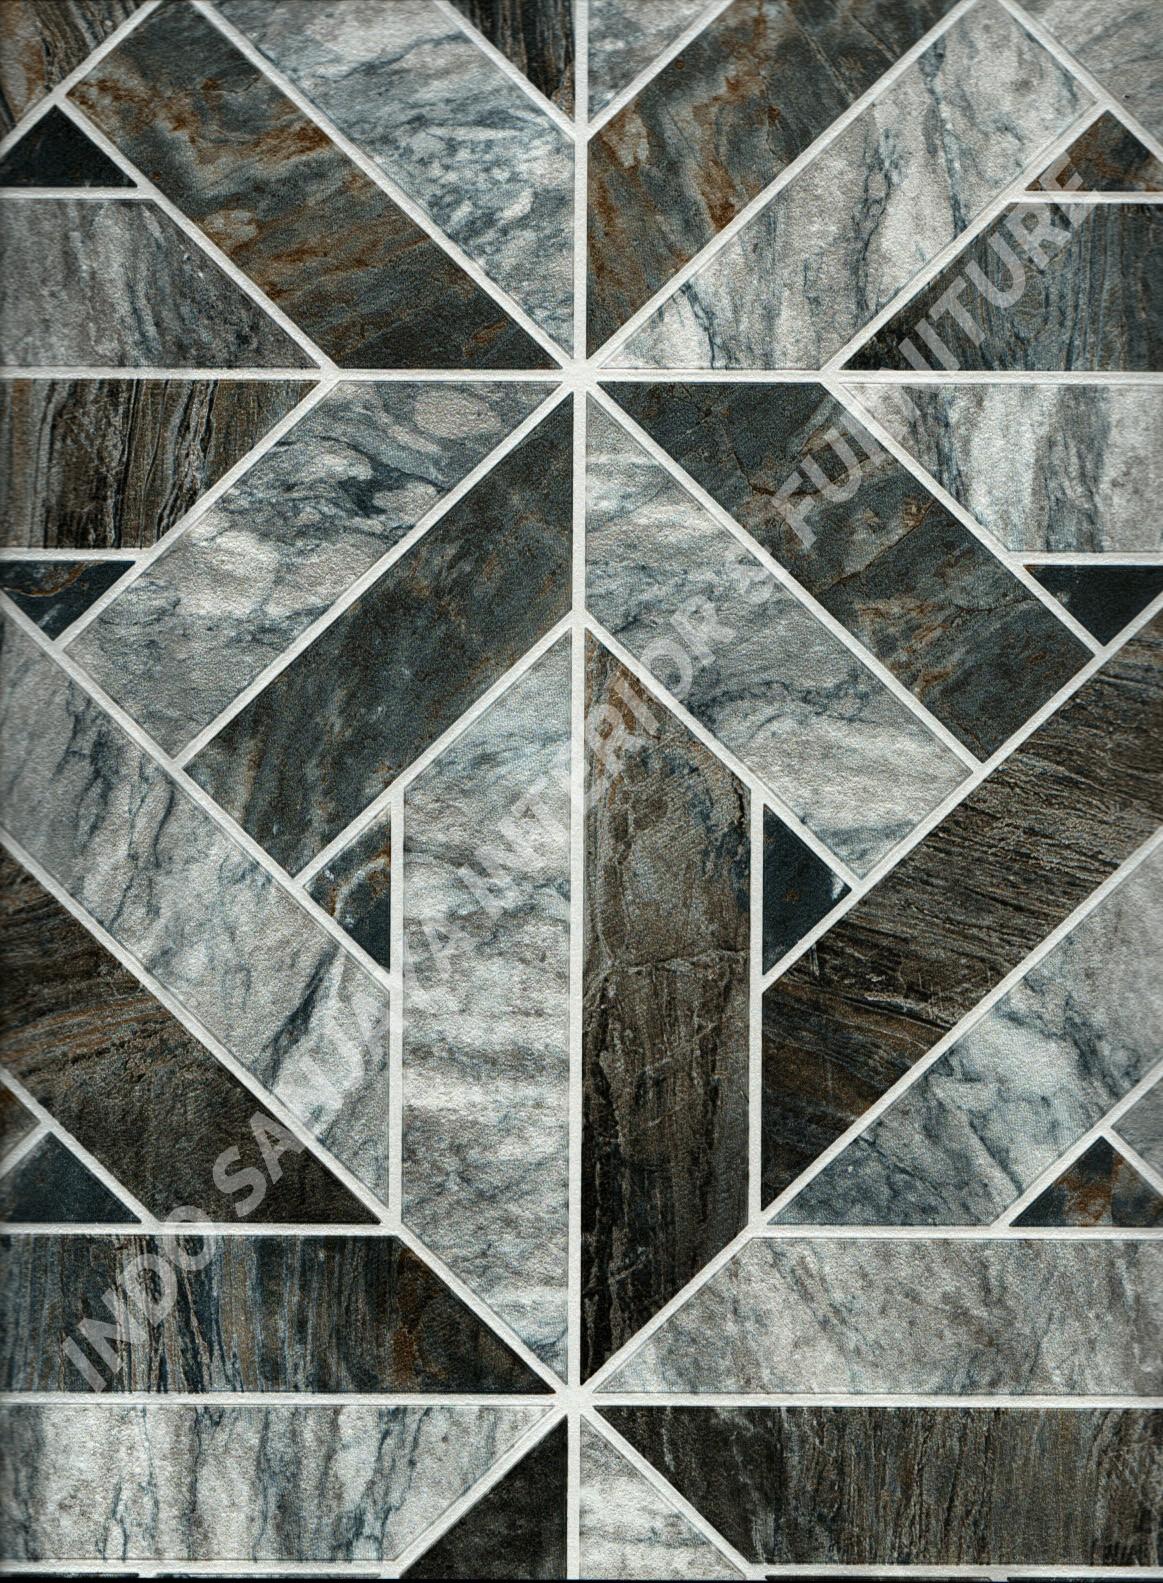 wallpaper ASSEMBLE:40118-3 corak Batu-Batuan ,Minimalis / Polos warna Abu-Abu ,Biru